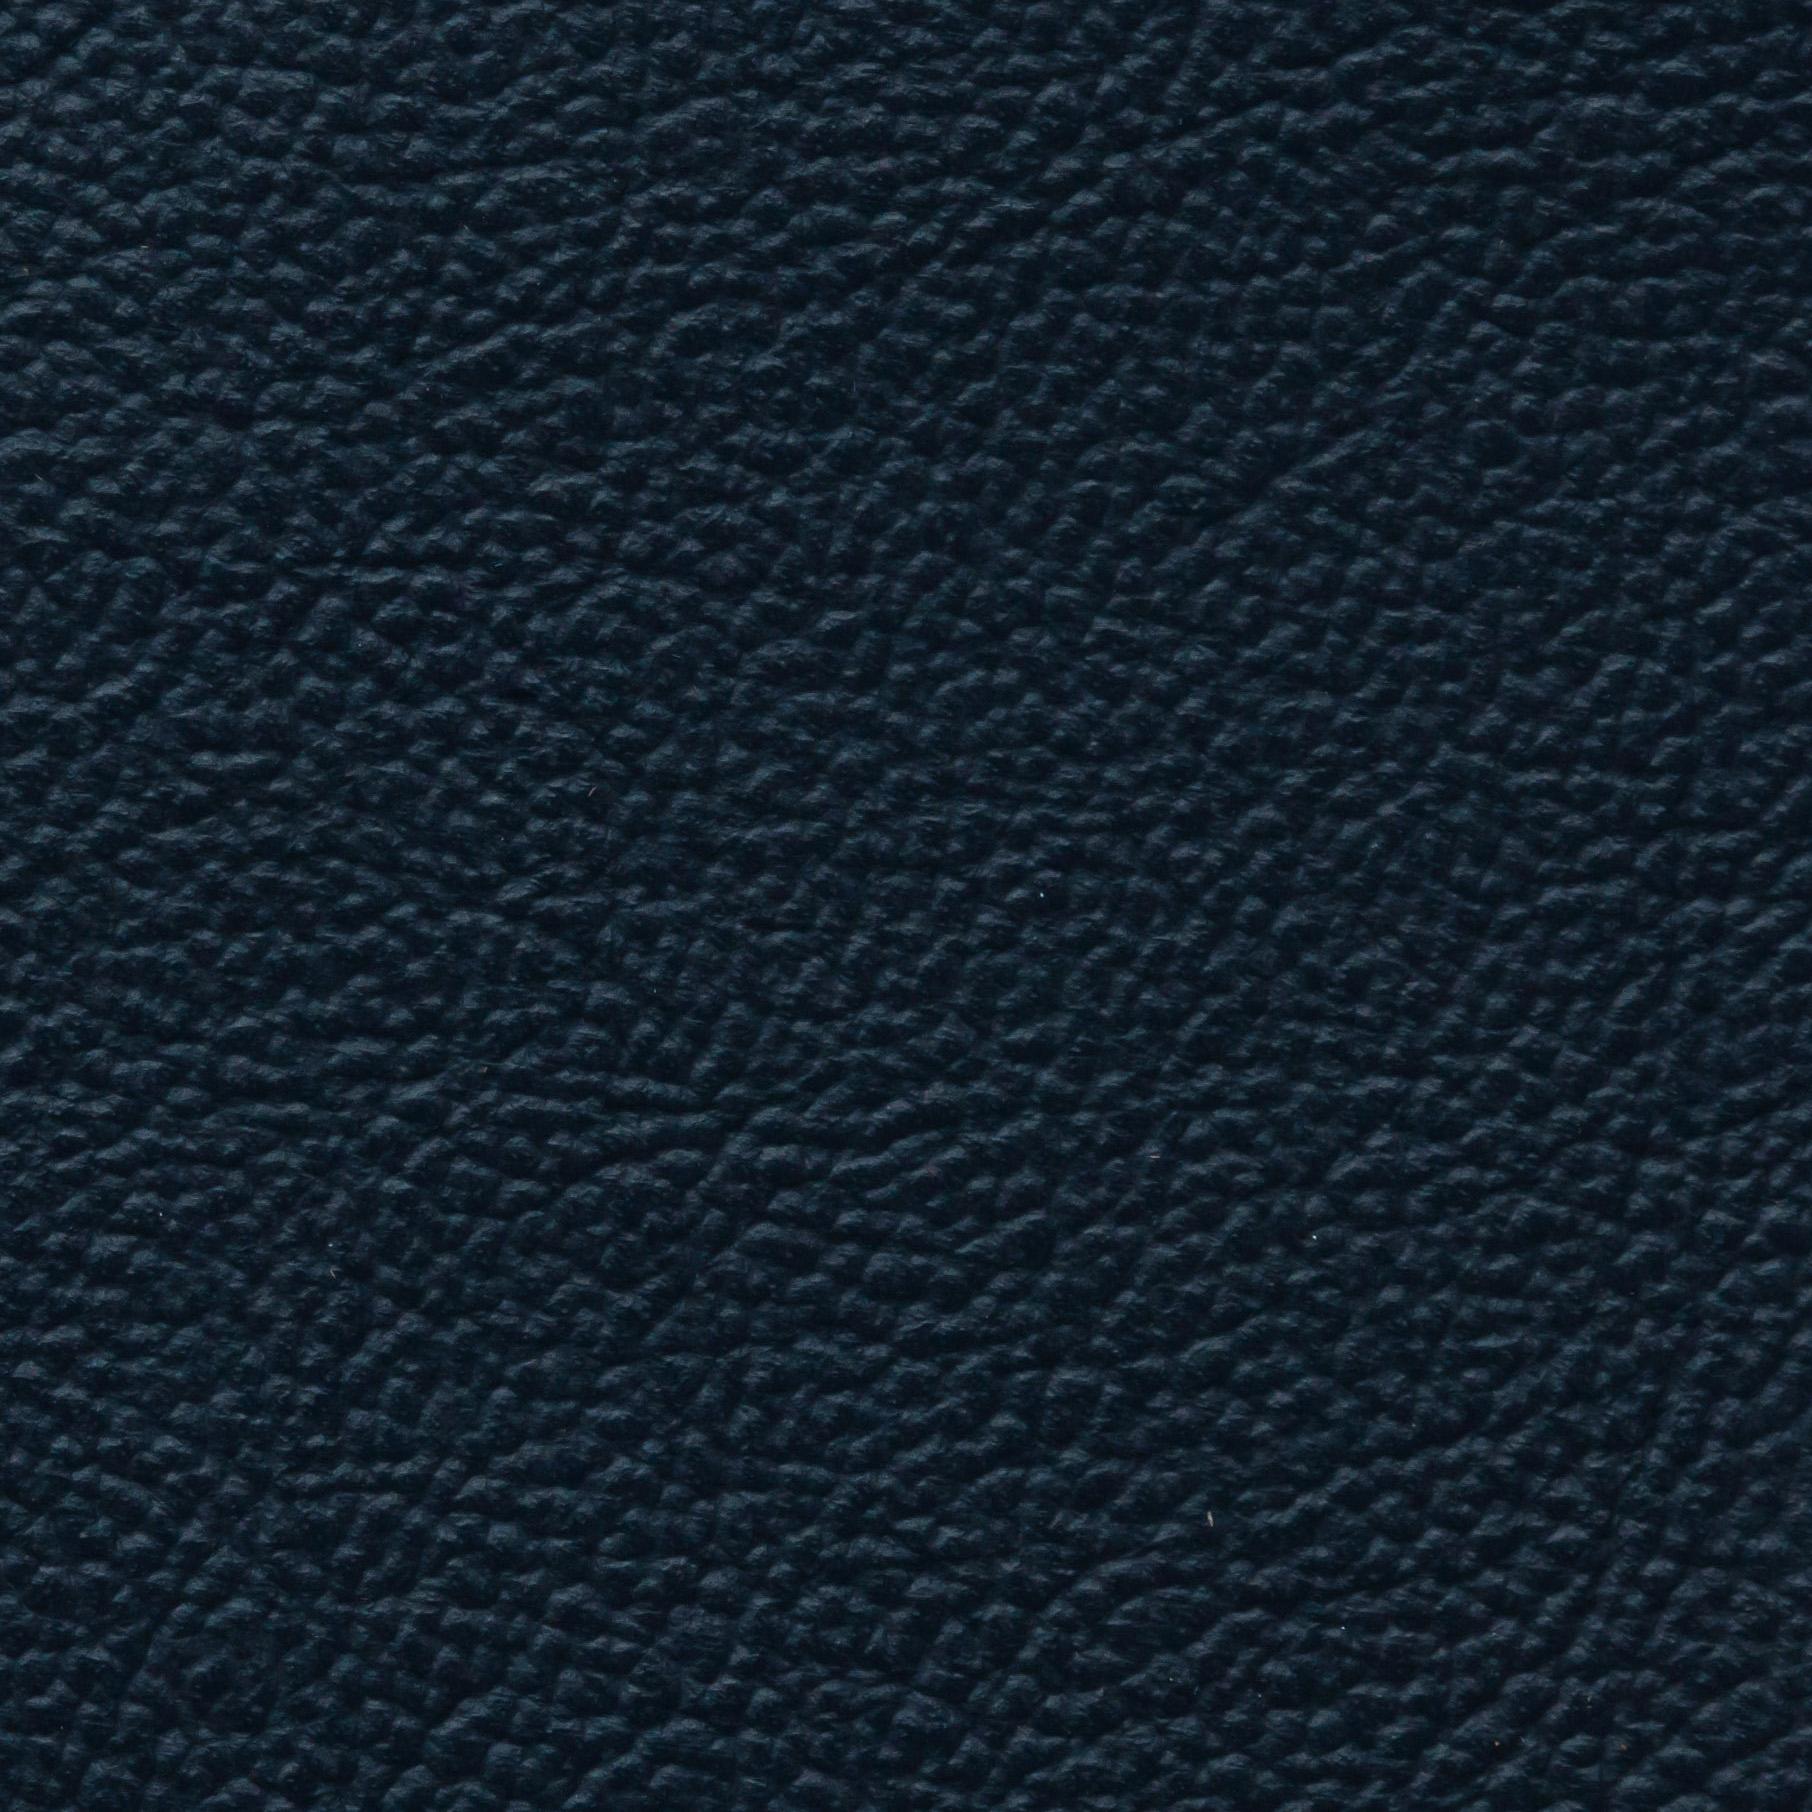 TopGrain_navy.jpg